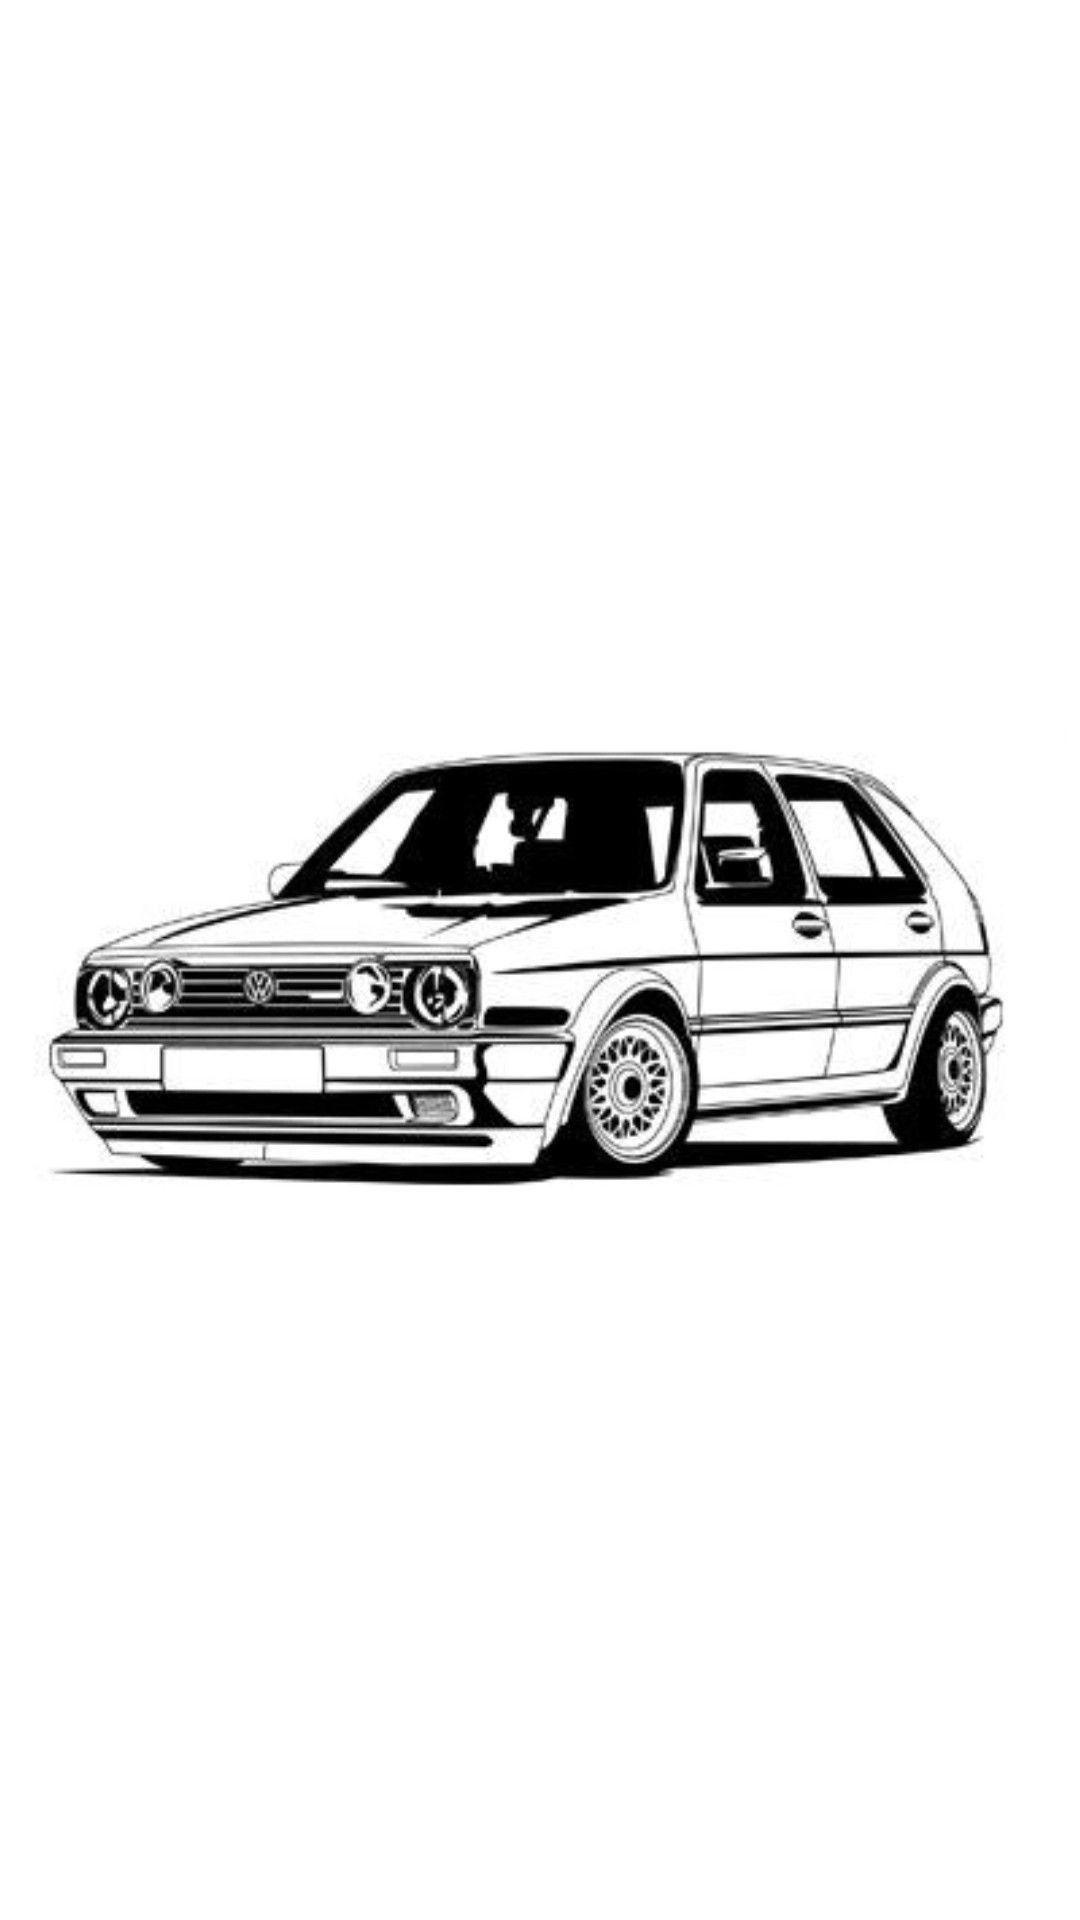 Pin Von Matias Cortes Auf Cartoon Jdm Car Volkswagen Golf Mk2 Golf Mk2 Volkswagen Golf